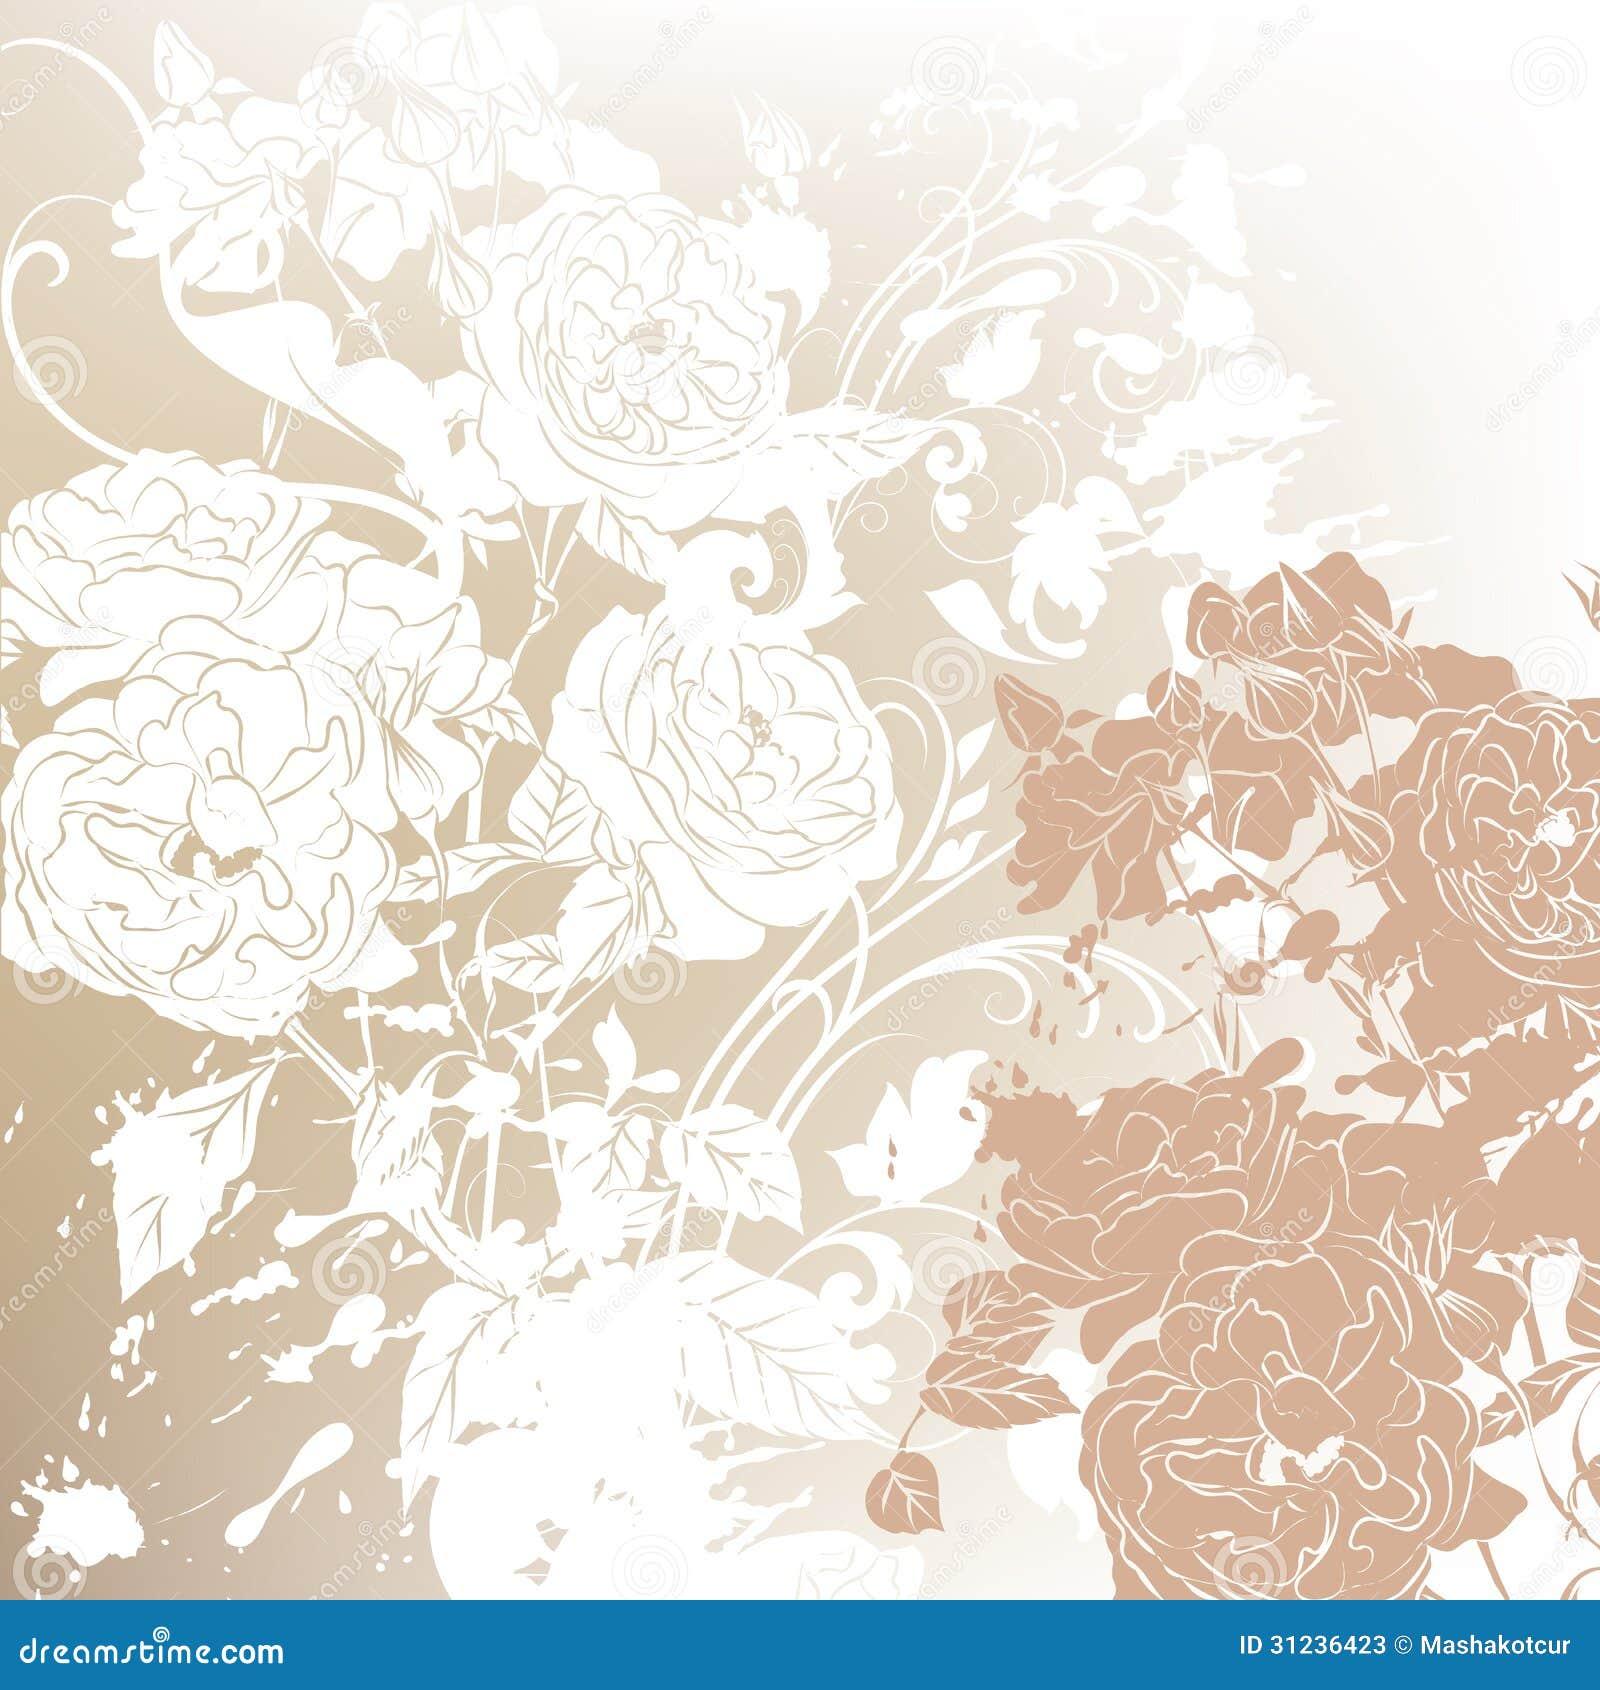 rose wedding invitation background - photo #39